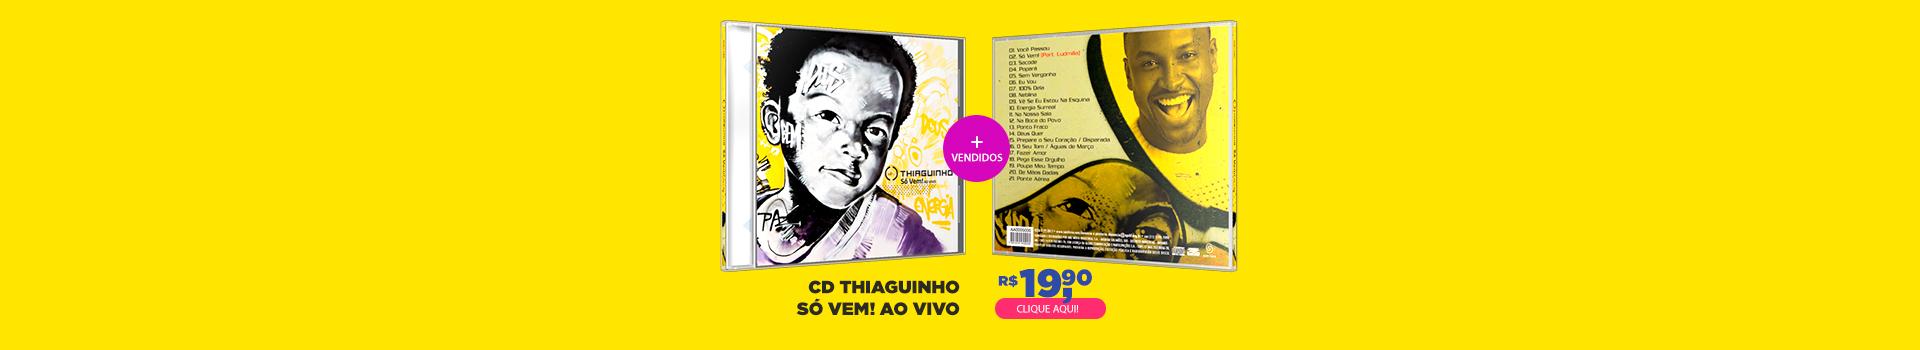 Tiaguinho